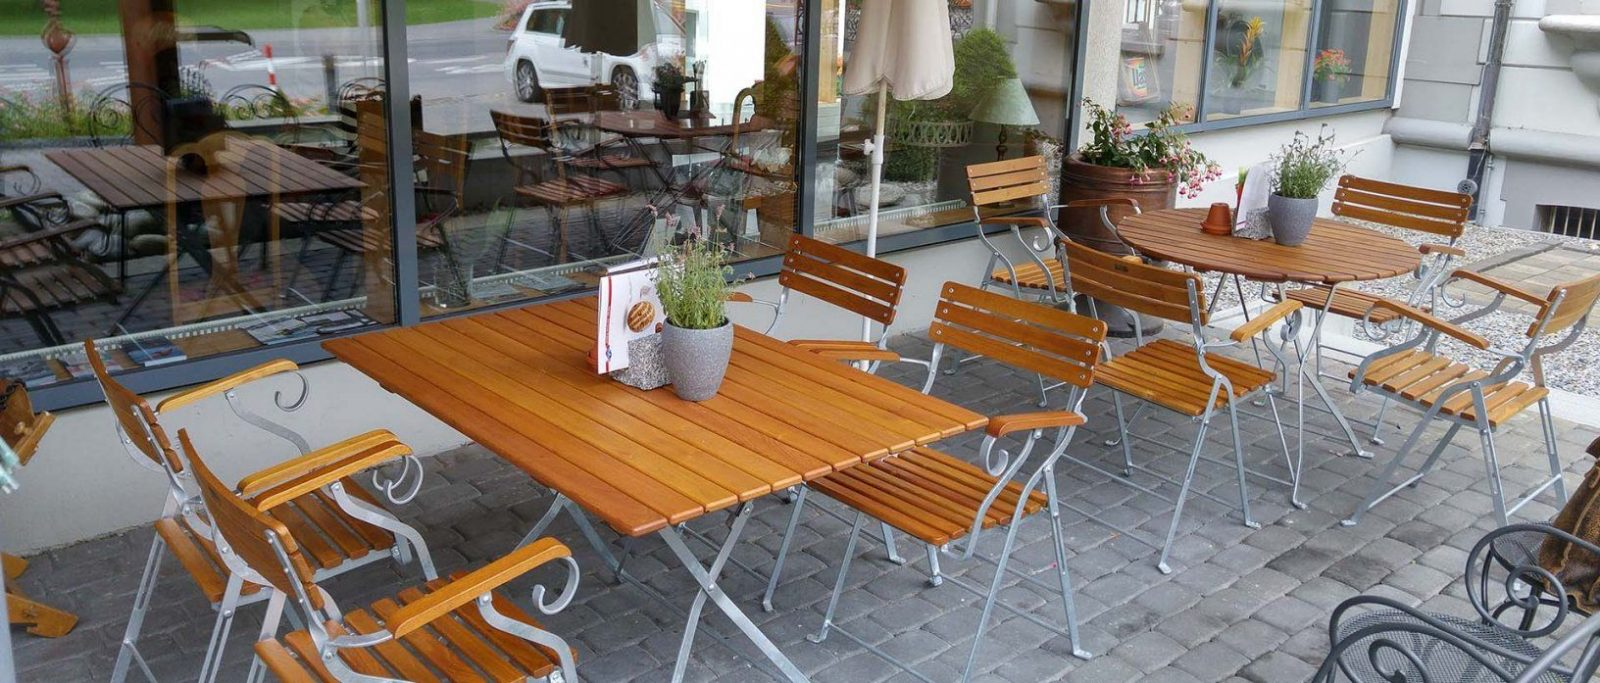 Gartenmobel Gastronomie Gebraucht Gartenmobel Sonderposten Nt07 von Outdoor Möbel Gastronomie Gebraucht Bild